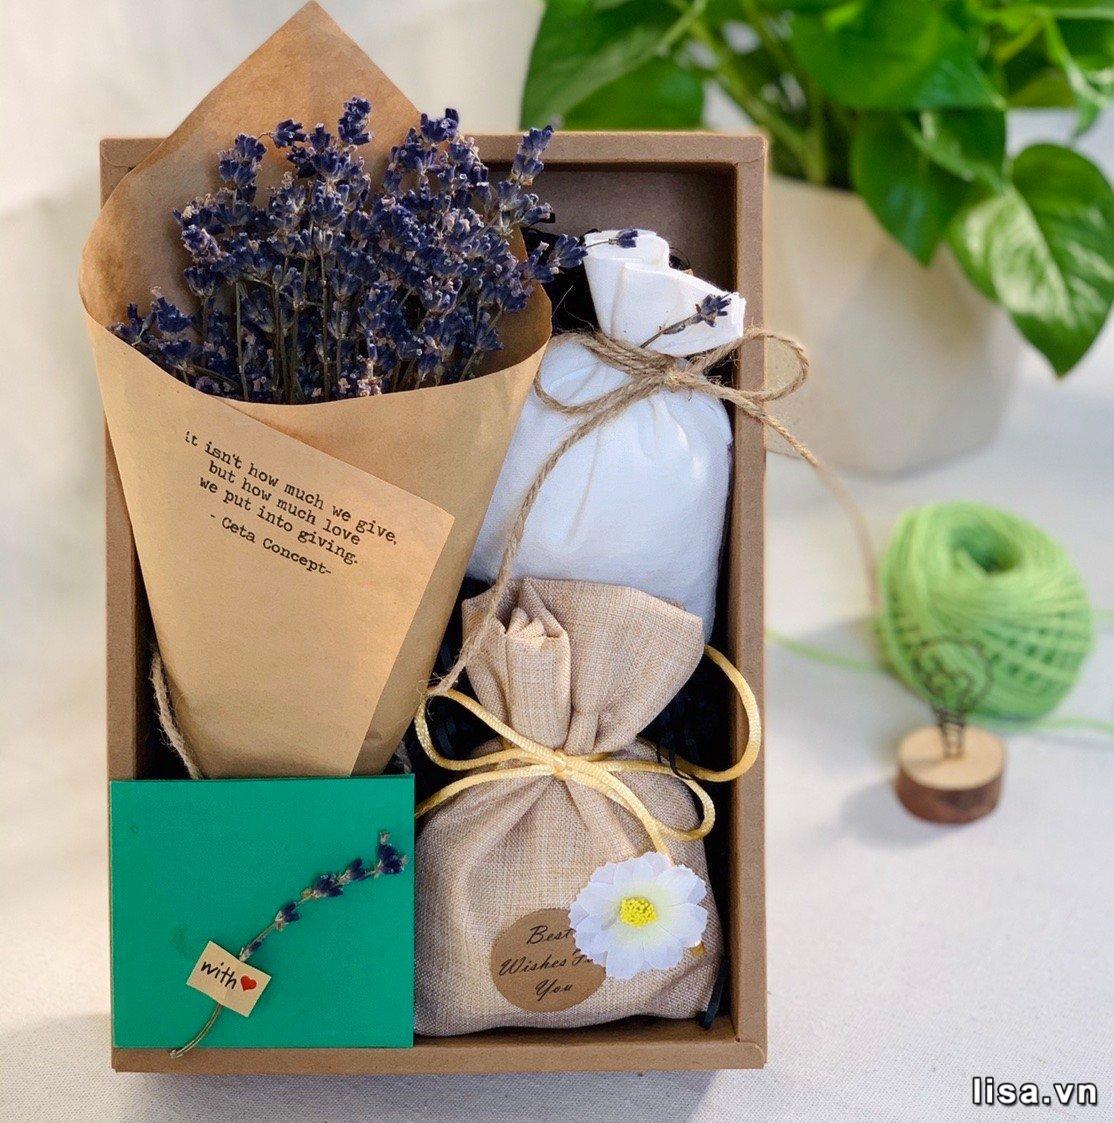 Bạn gái mới quen nên tặng quà gì? Hộp quà handmade chắc chắn sẽ giúp bạn ghi nhiều điểm